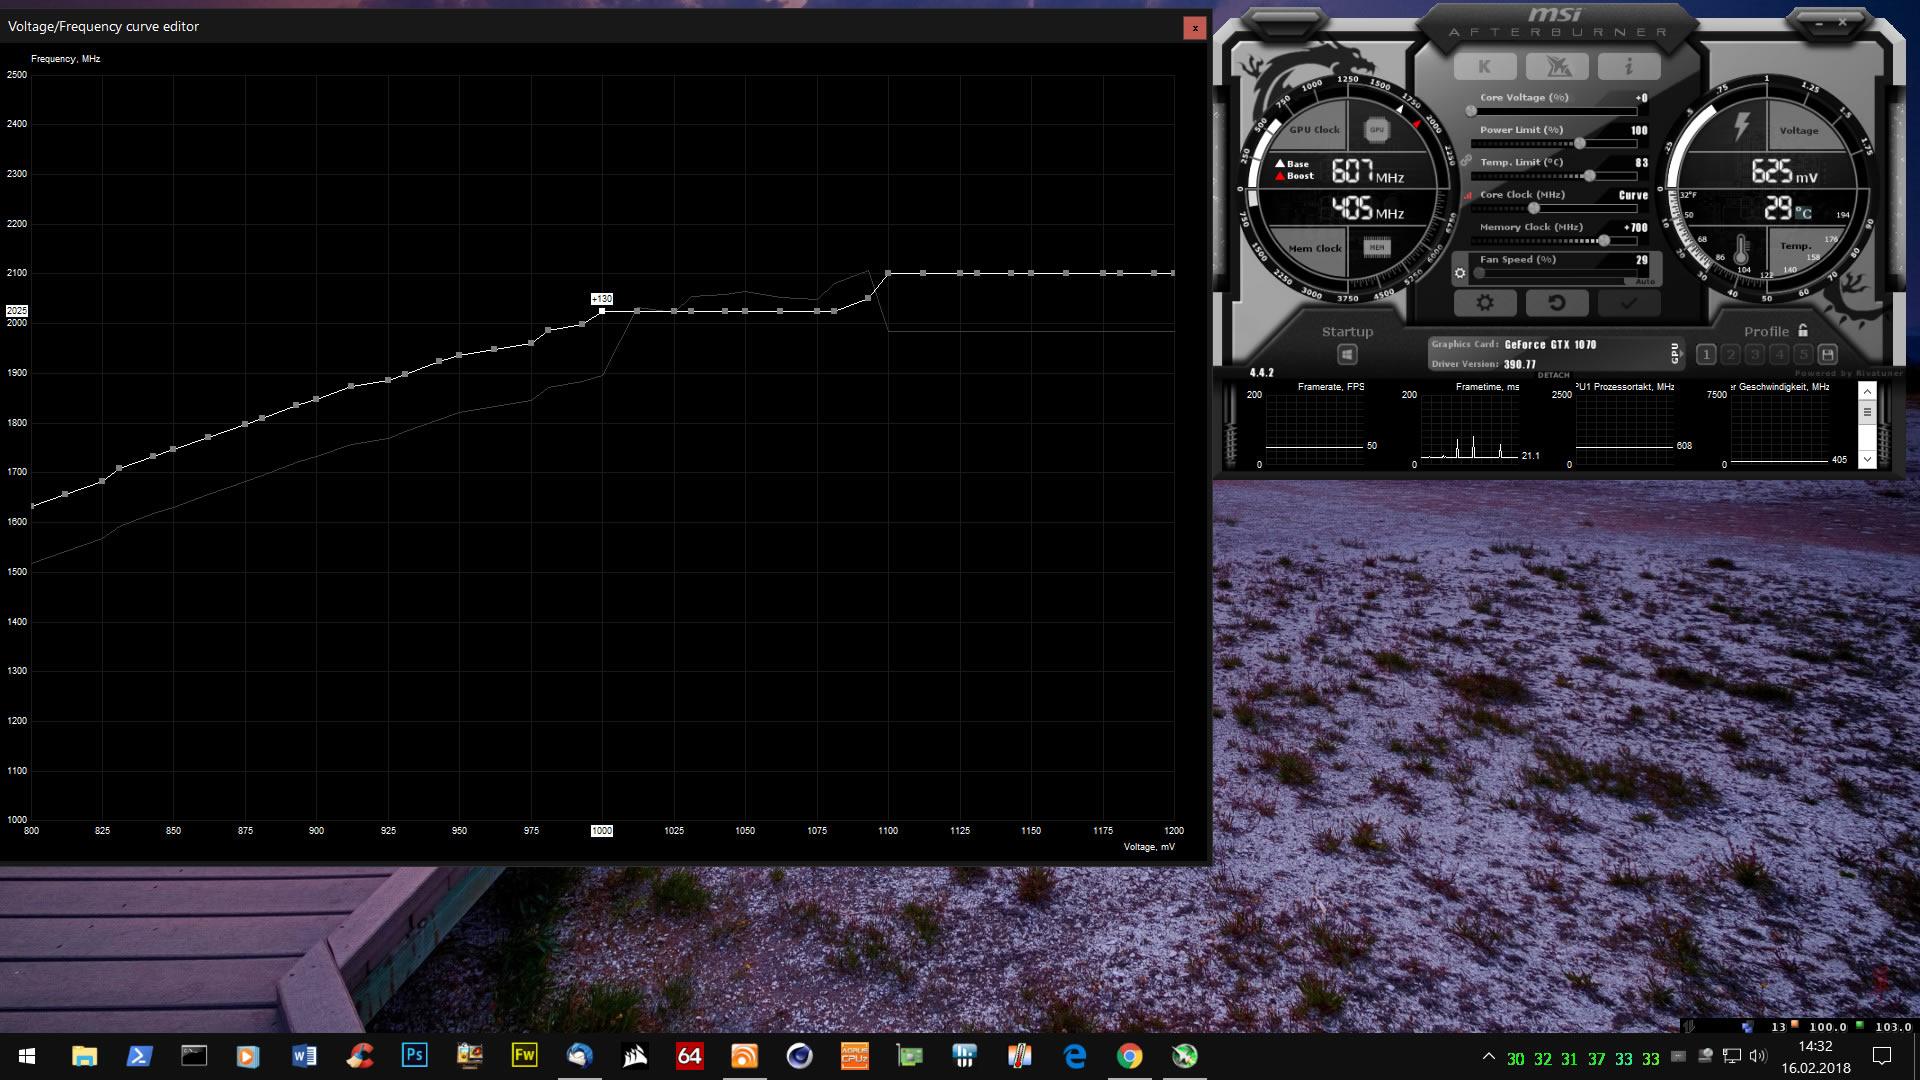 Klicke auf die Grafik für eine größere Ansicht  Name:Undervolting Profil mit 2025 MHz@1,0 Volt.jpg Hits:24 Größe:374,3 KB ID:667077